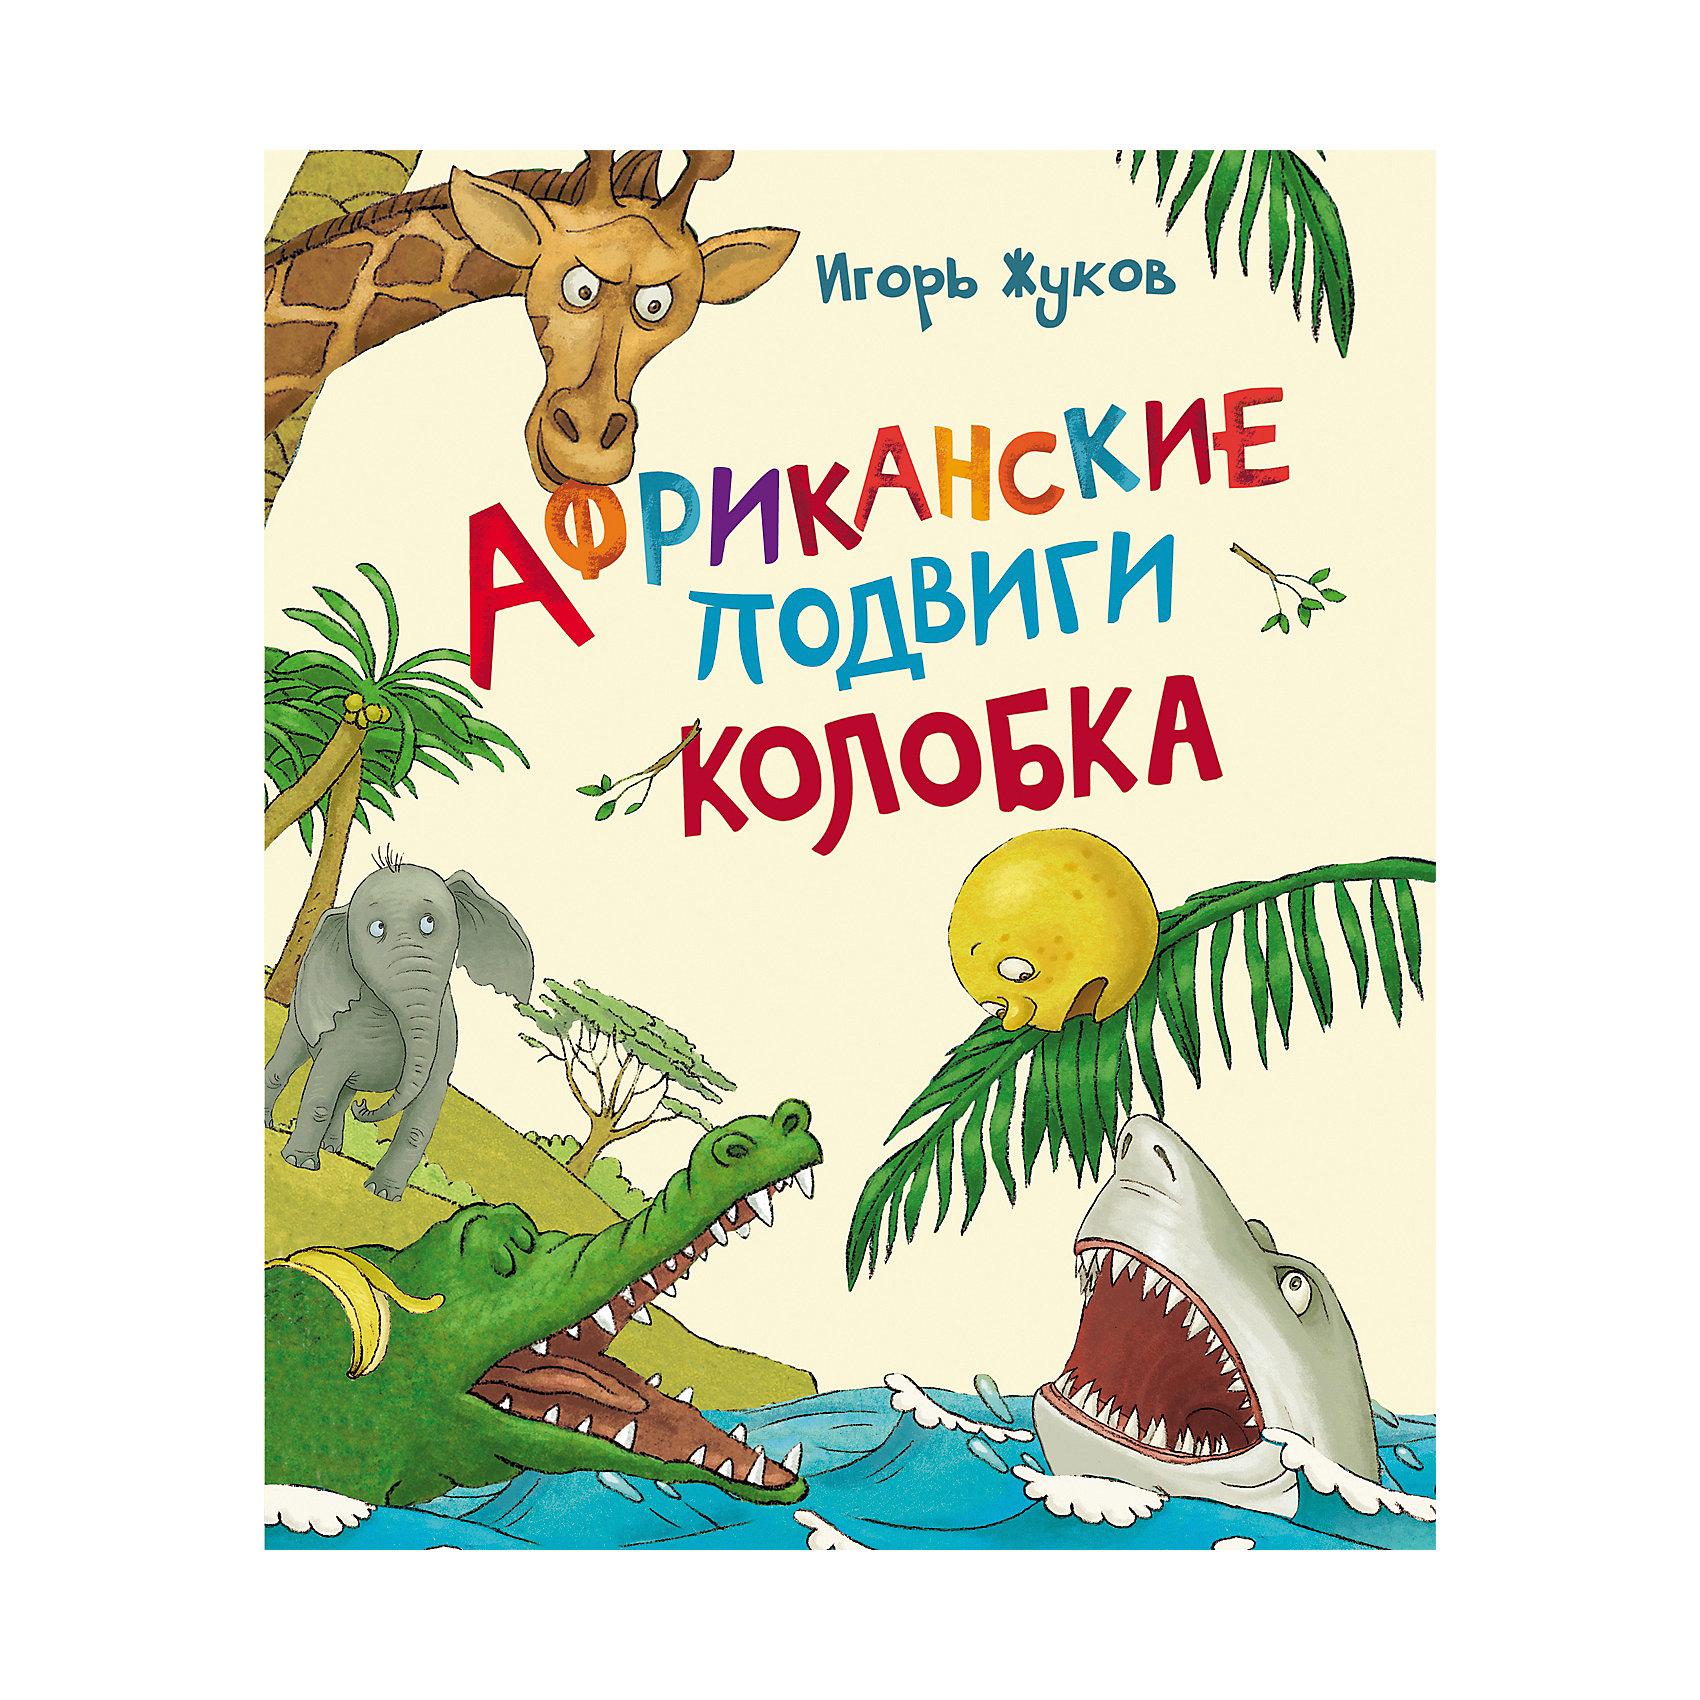 Африканские подвиги Колобка, И. ЖуковРусские сказки<br>Характеристики товара:<br><br>- цвет: разноцветный;<br>- материал: бумага;<br>- страниц: 96;<br>- формат: 24 х 20 см;<br>- обложка: мягкая;<br>- иллюстрации.<br><br>Эта интересная книга с иллюстрациями станет отличным подарком для ребенка. Она содержит в себе сказку, которая полюбилась уже многим! Талантливый иллюстратор дополнил книгу качественными рисунками, которые помогают ребенку проникнуться духом сказки.<br>Чтение - отличный способ активизации мышления, оно помогает ребенку развивать зрительную память, концентрацию внимания и воображение. Издание произведено из качественных материалов, которые безопасны даже для самых маленьких.<br><br>Книгу Африканские подвиги Колобка, И. Жуков от компании Росмэн можно купить в нашем интернет-магазине.<br><br>Ширина мм: 243<br>Глубина мм: 202<br>Высота мм: 8<br>Вес г: 385<br>Возраст от месяцев: 60<br>Возраст до месяцев: 84<br>Пол: Унисекс<br>Возраст: Детский<br>SKU: 5109916